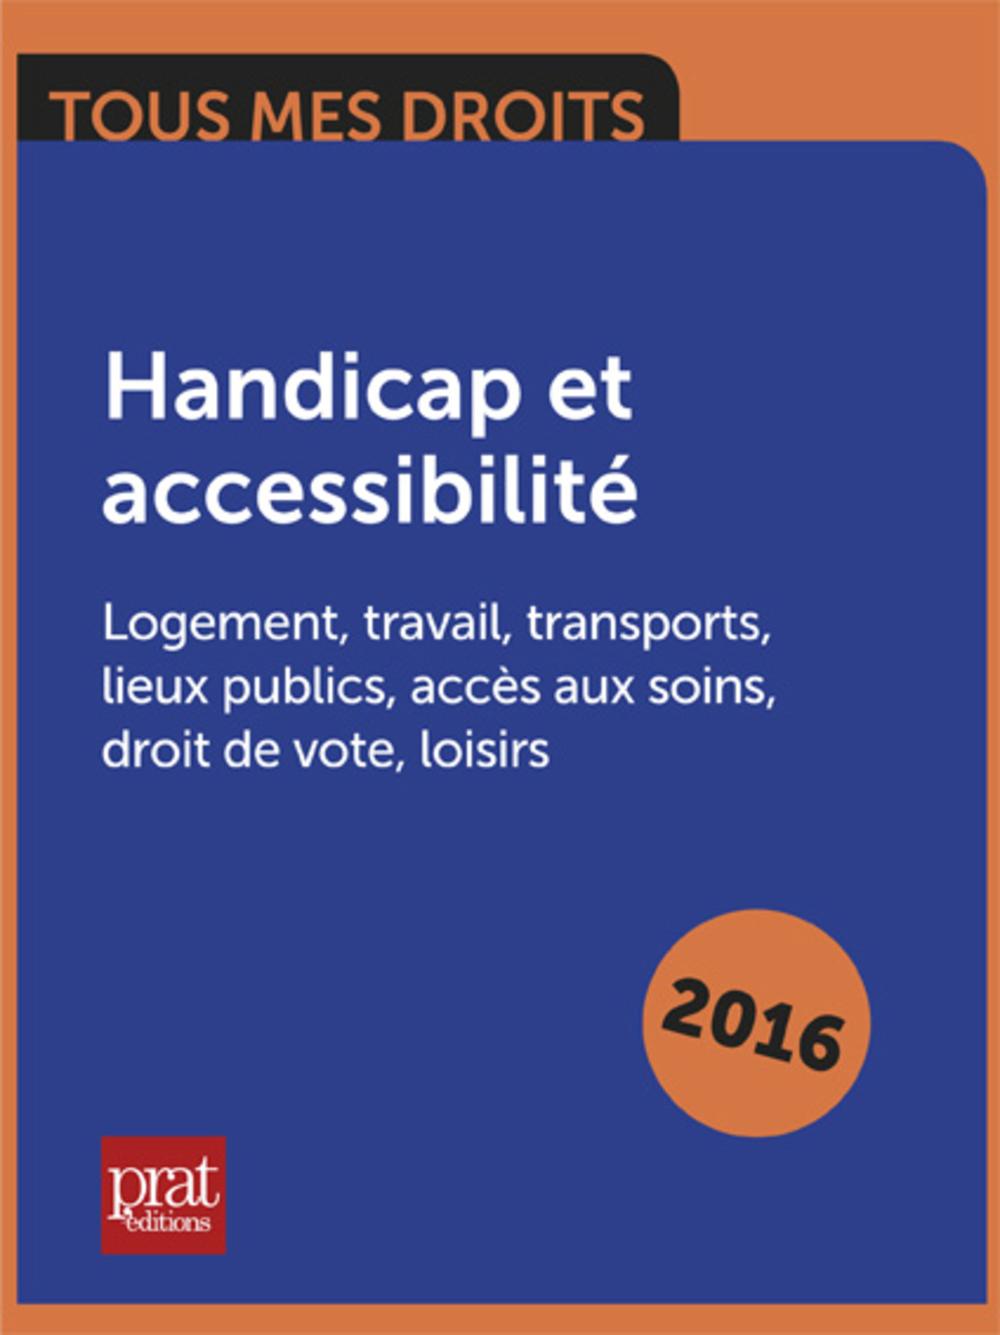 Handicap et accessibilité : Logement, travail, transports, lieux publics, accès aux soins, droit de vote, loisirs